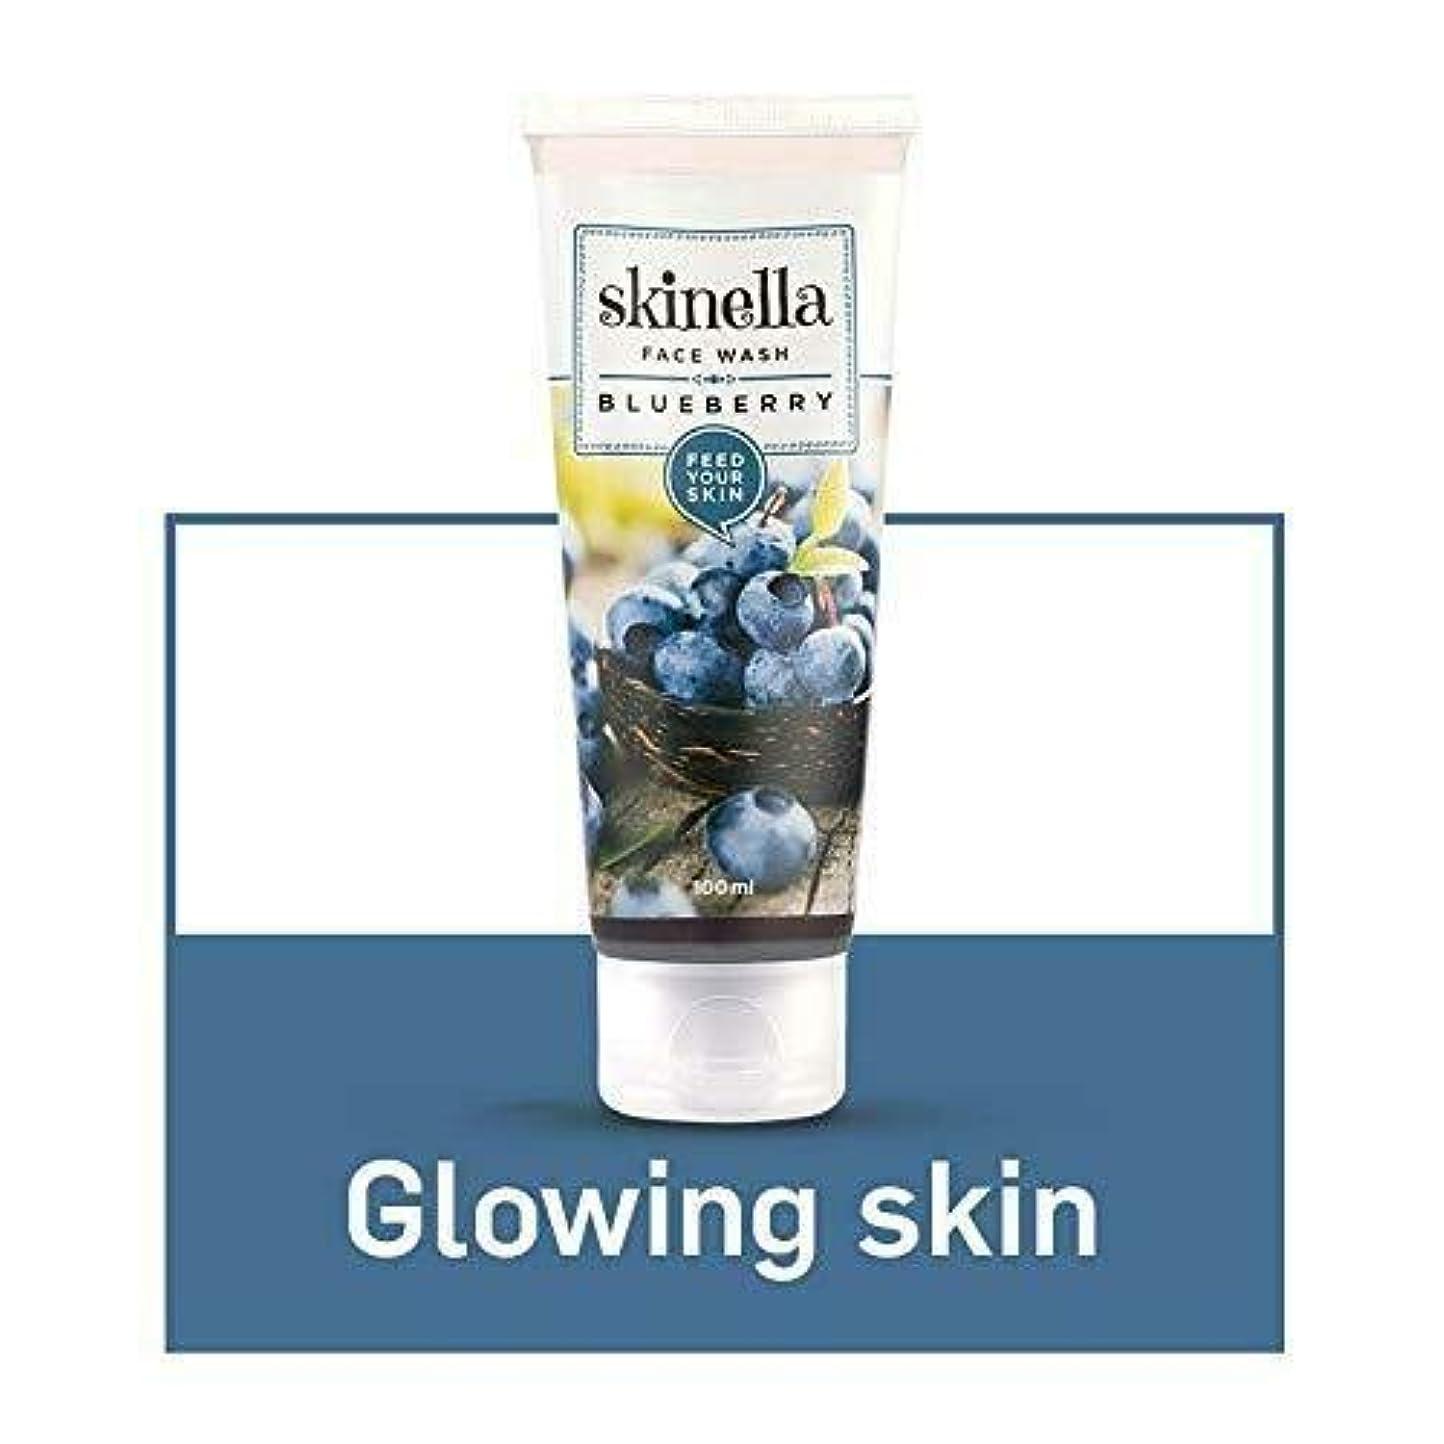 バックアップサルベージ公平Skinella Blueberry Face Wash 100ml blueberry extracts & olive oil Cleanses Skin Skinellaブルーベリーフェイスウォッシュ ブルーベリーエキス&オリーブオイル